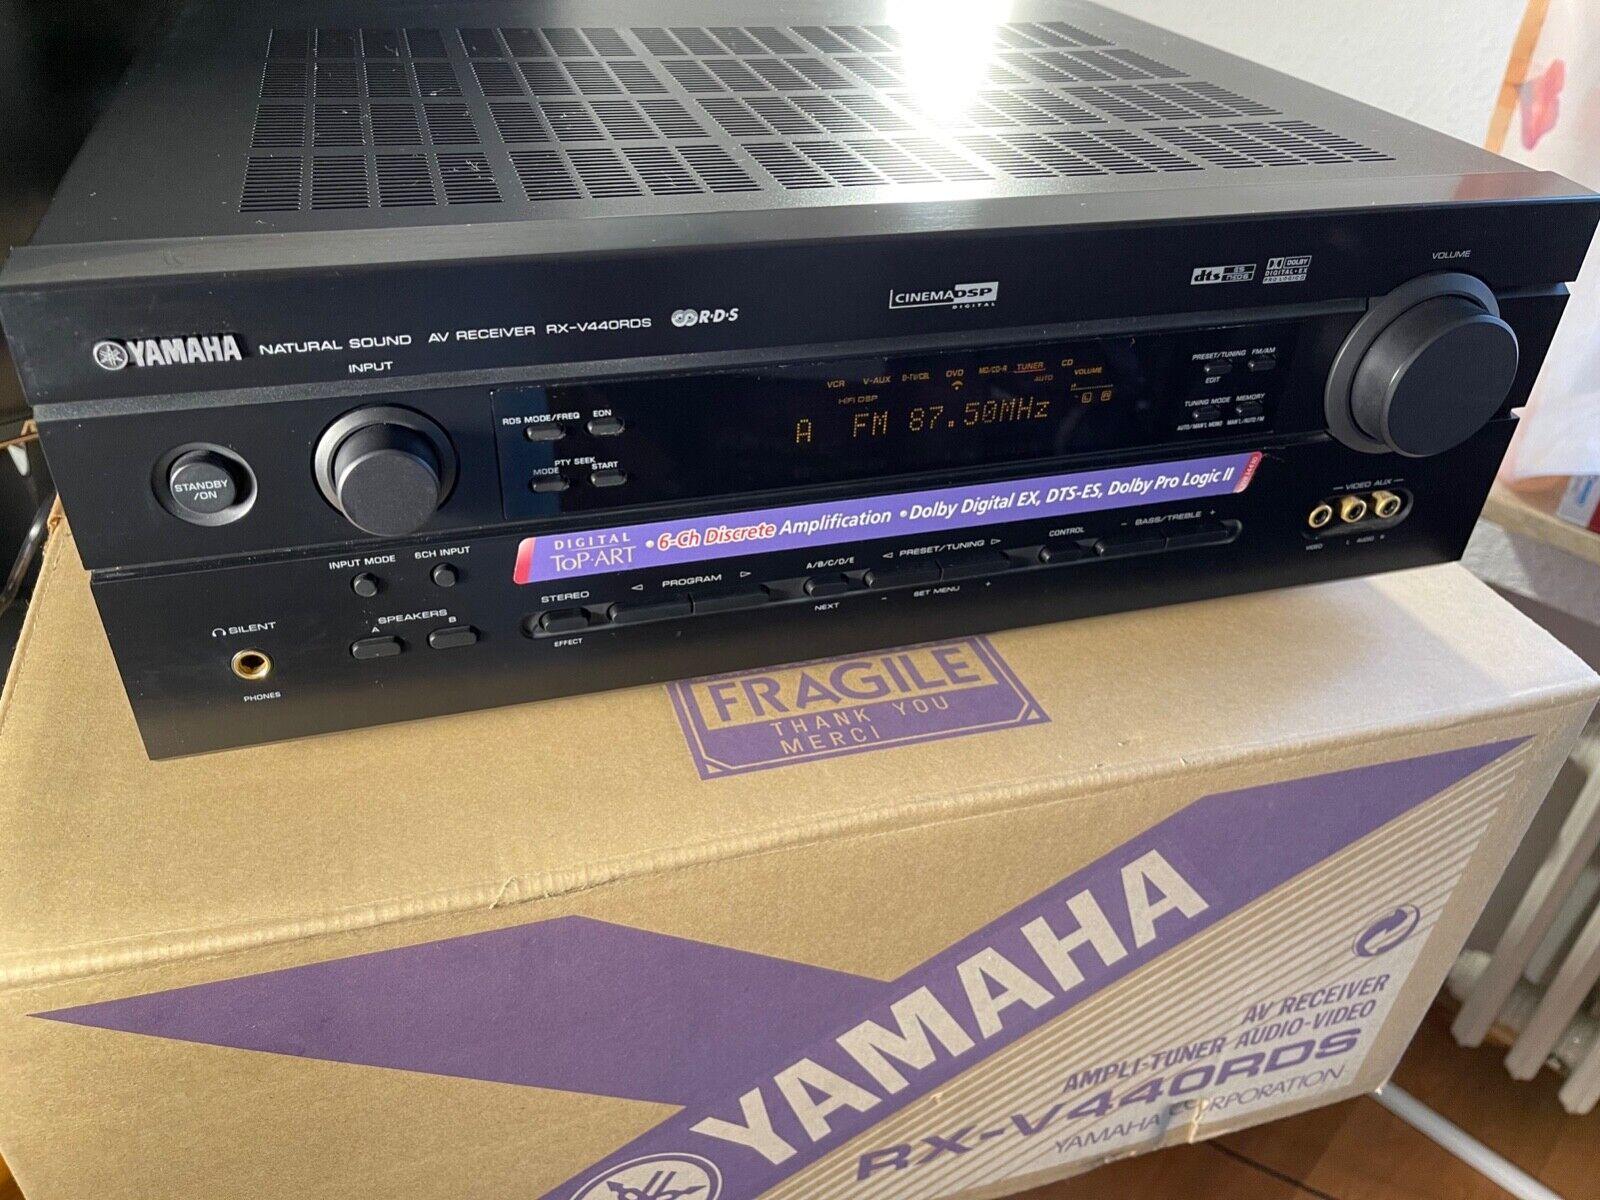 Yamaha RX-V440 RDS 6.1 AV Receiver